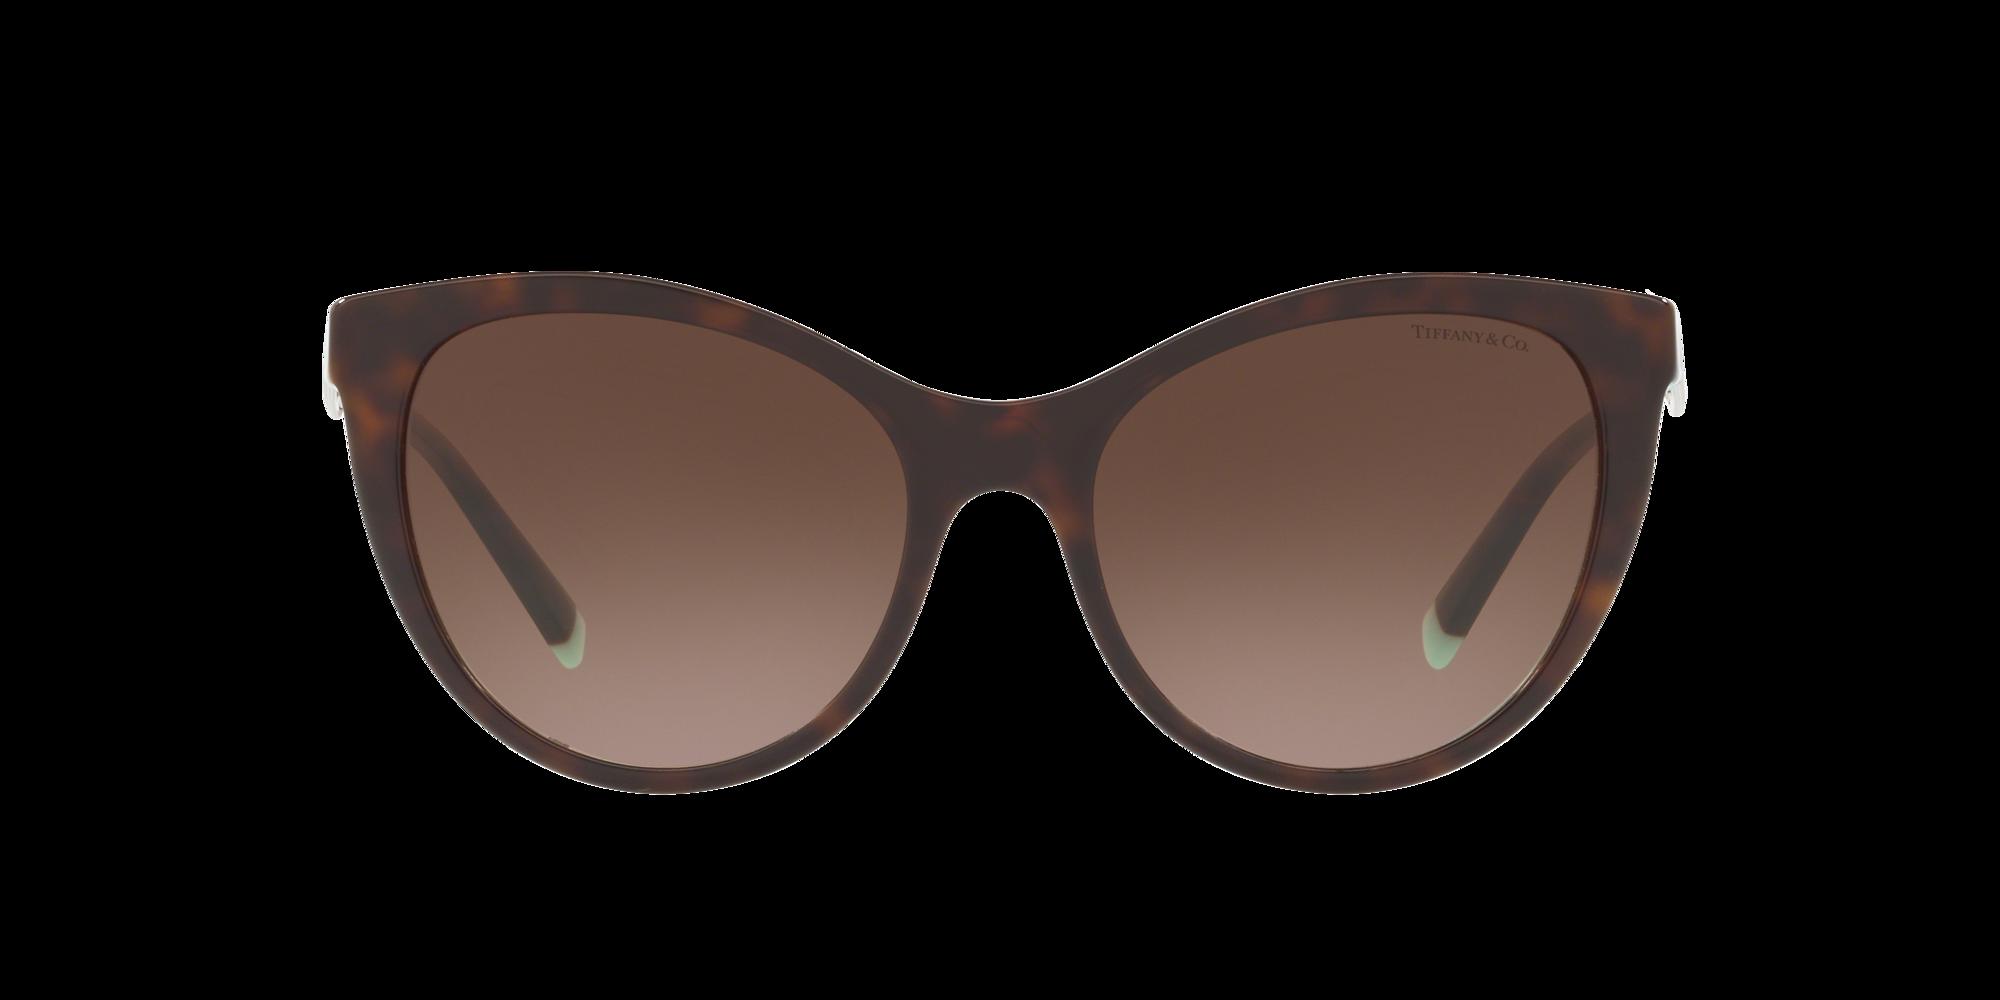 Imagen para TF4159 55 de LensCrafters |  Espejuelos, espejuelos graduados en línea, gafas